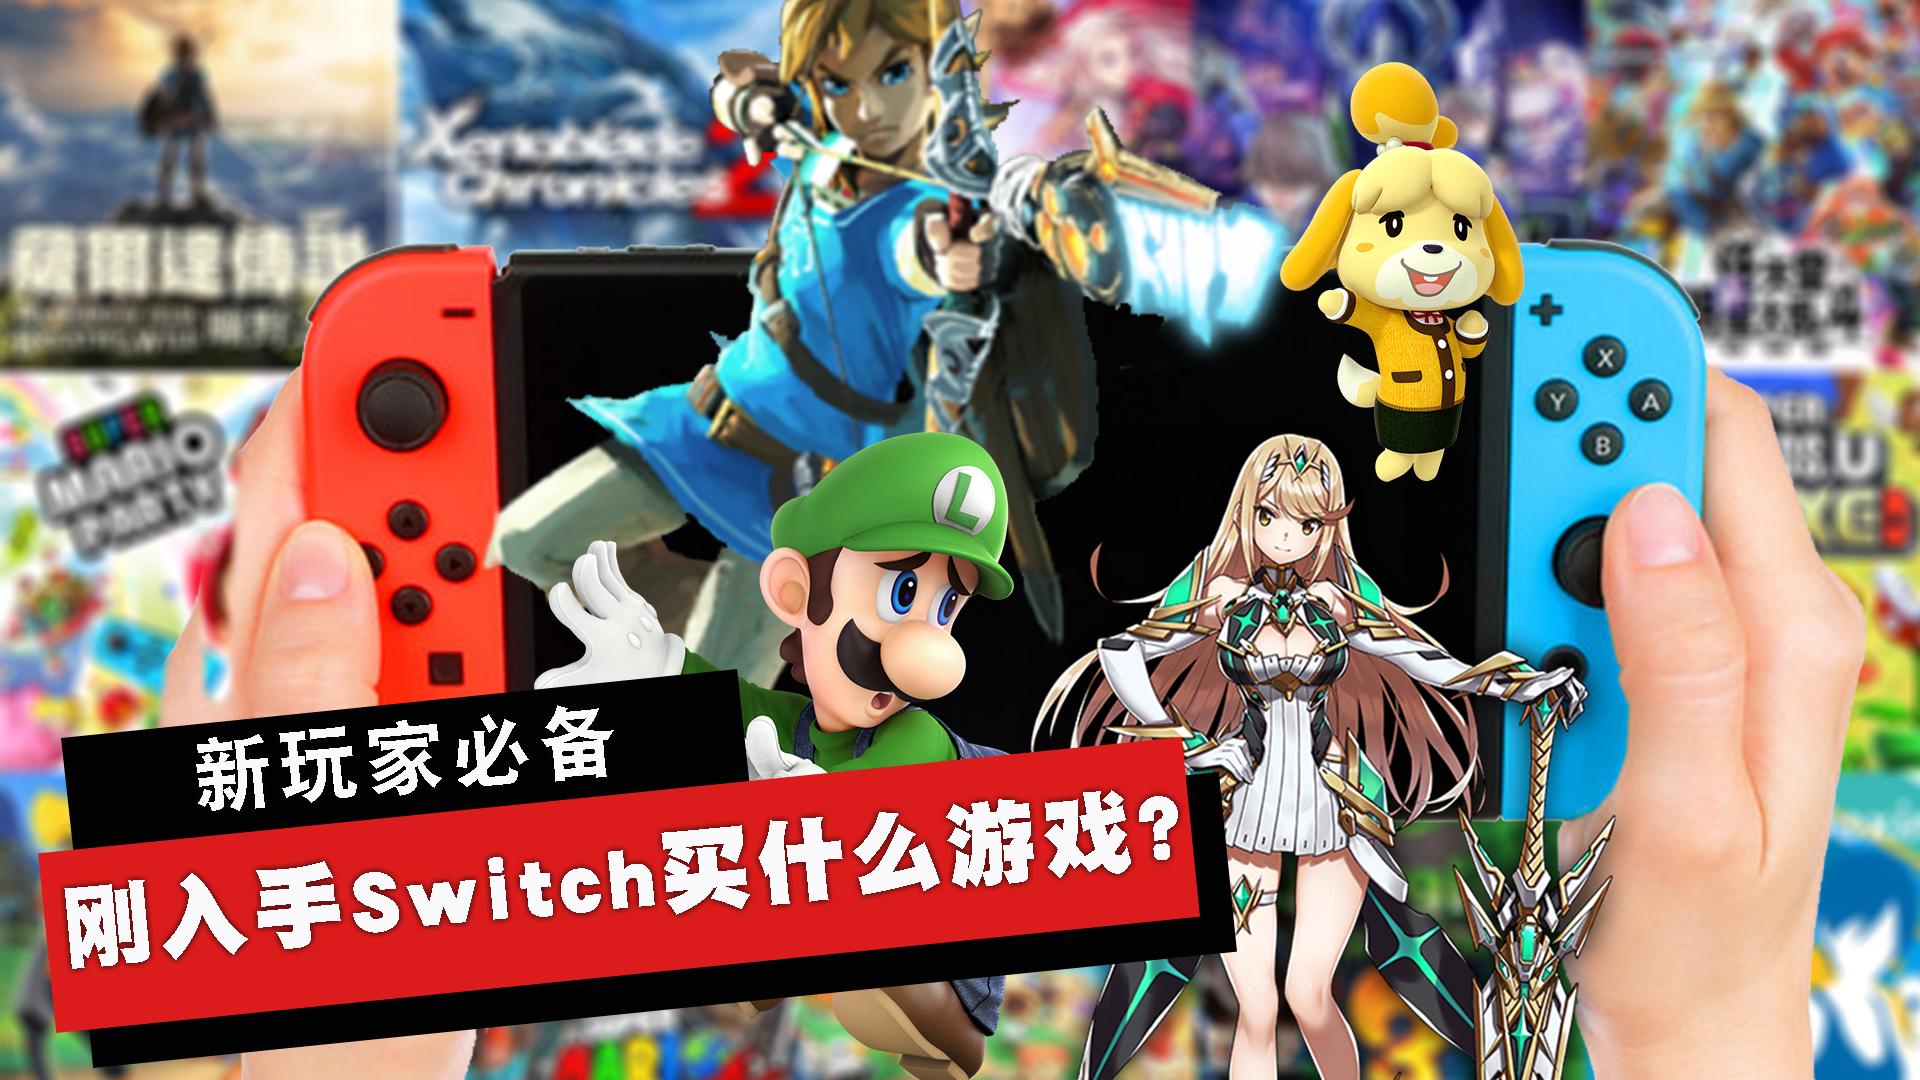 刚入手Switch应该挑选什么游戏,这篇视频适合新手小白